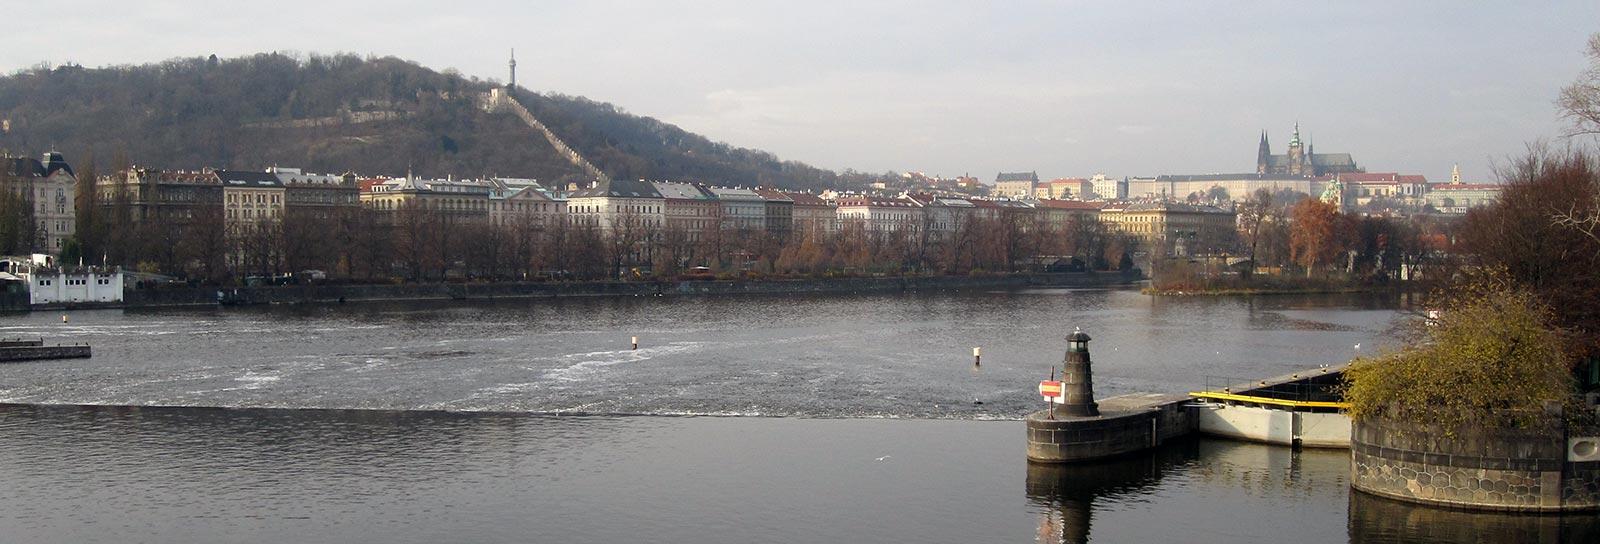 Miljöbild av Prag